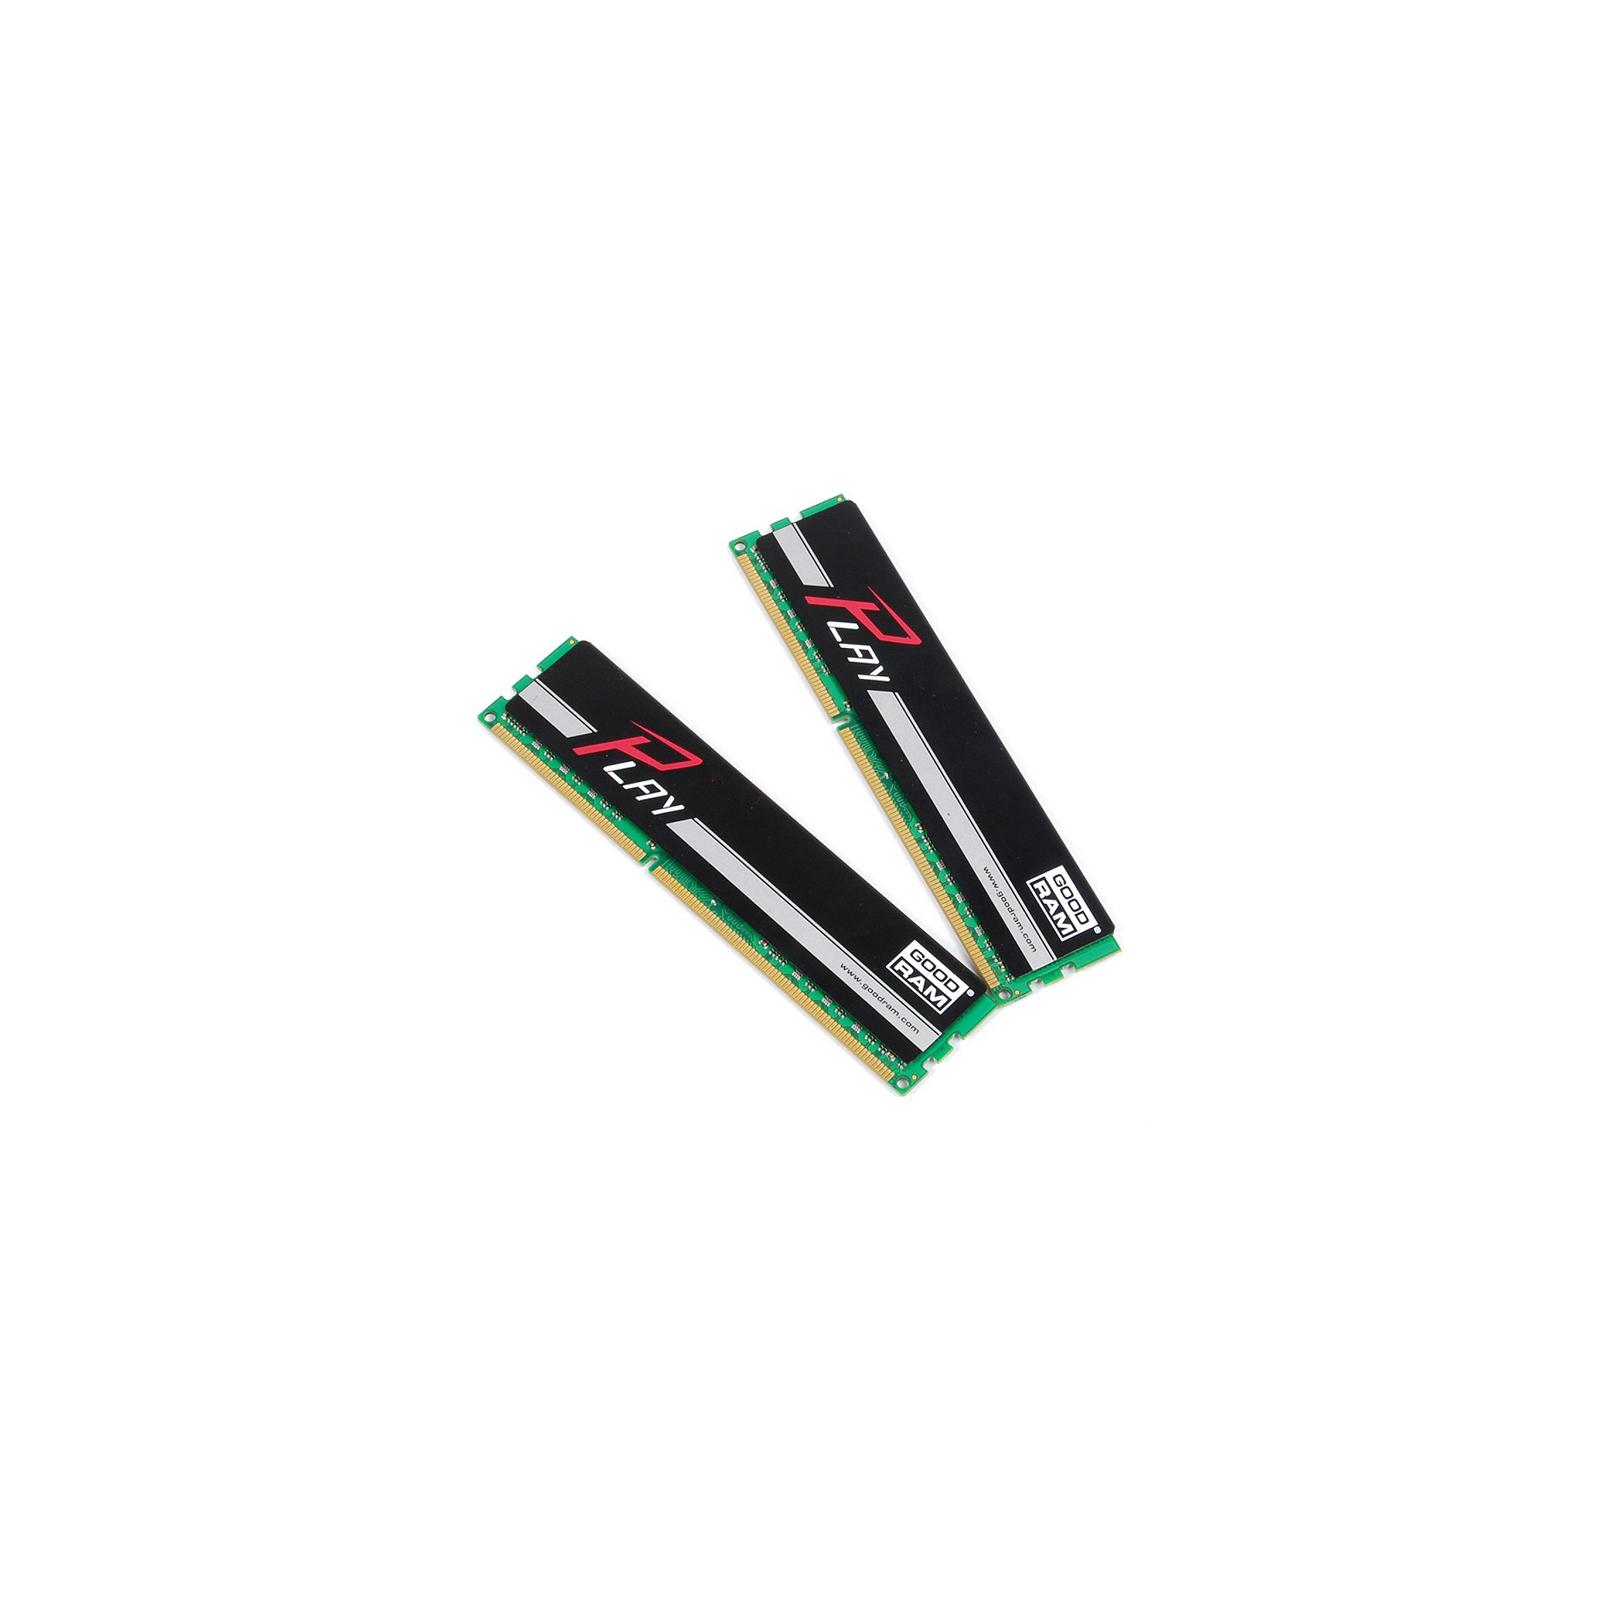 Модуль памяти для компьютера DDR3 16GB (2x8GB) 1600 MHz GOODRAM (GY1600D364L10/16GDC)